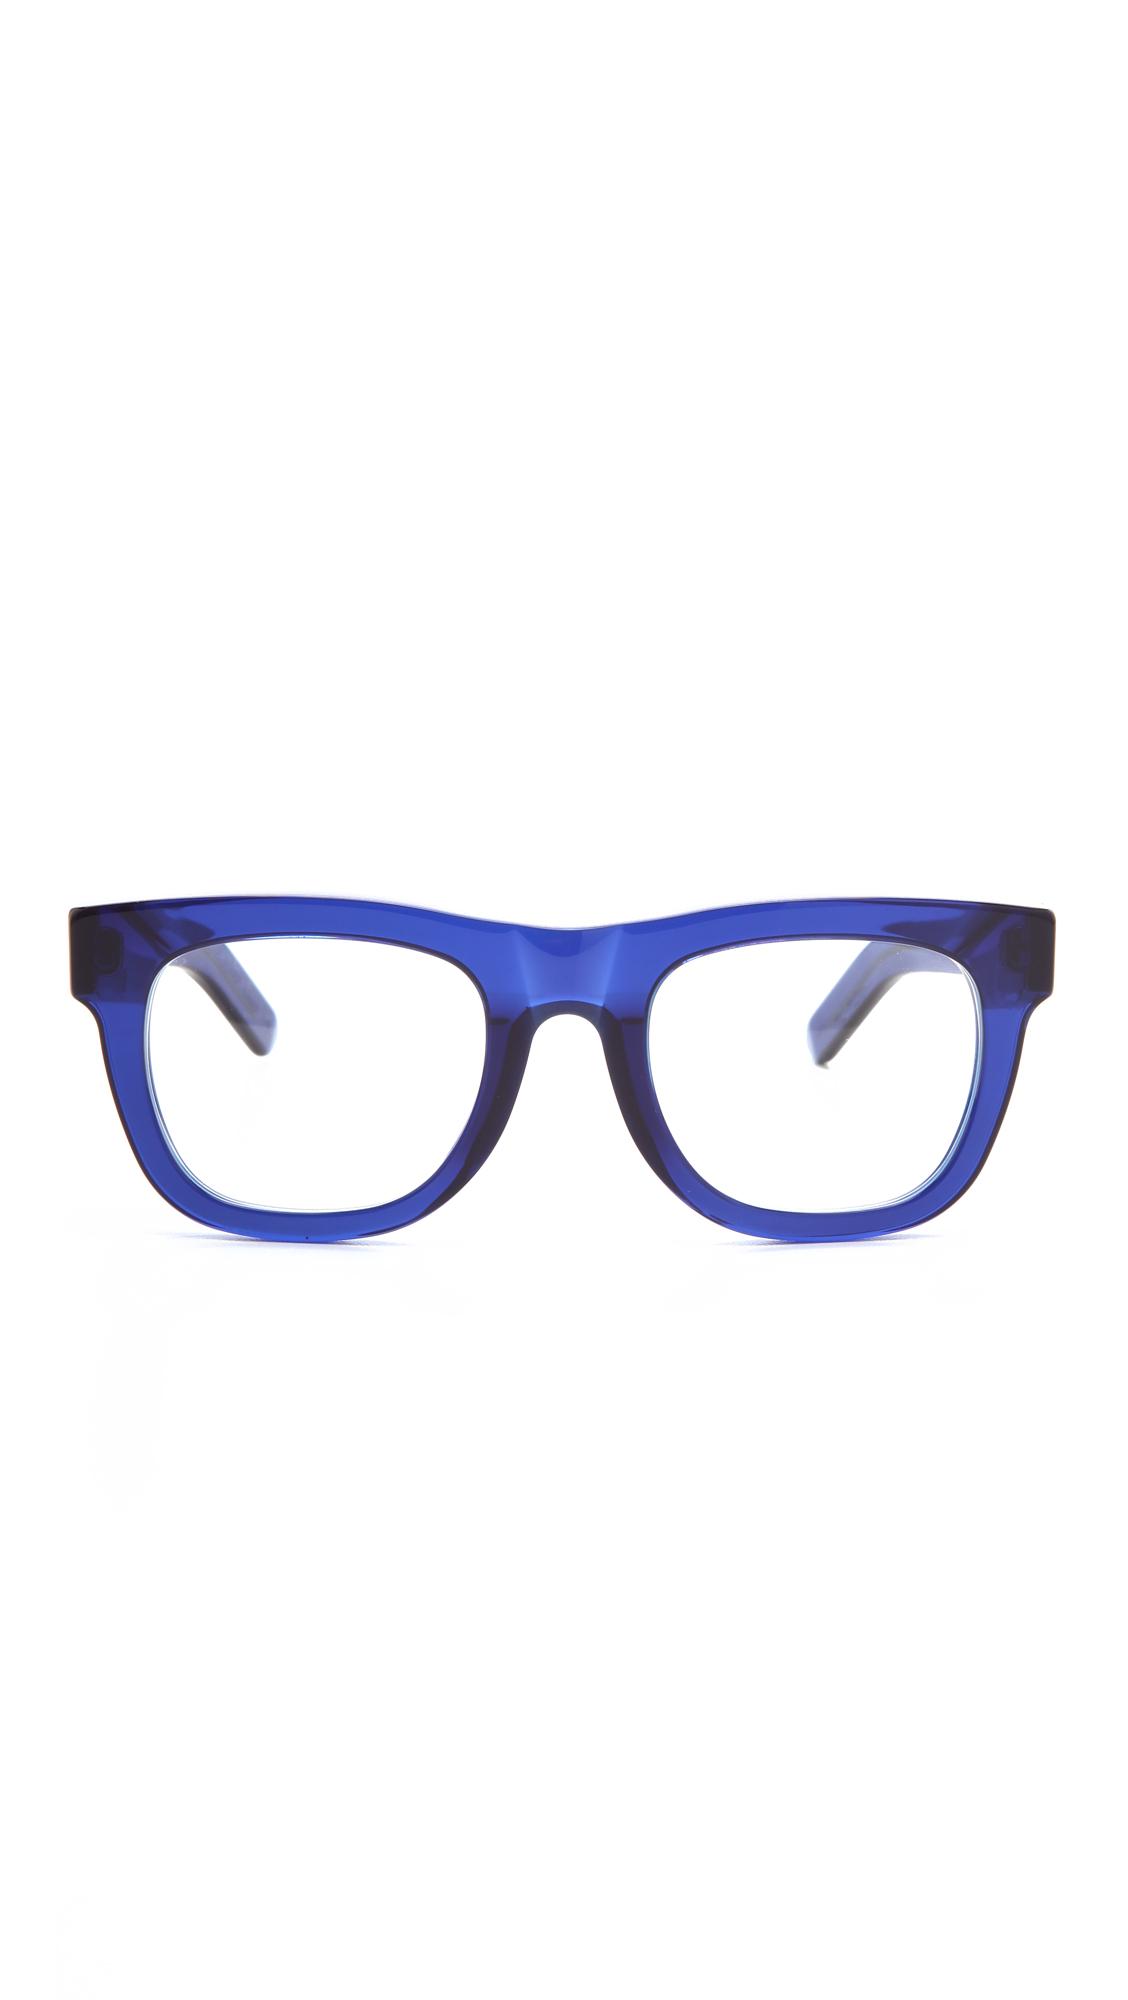 f9132b08d661 Lyst - Retrosuperfuture Ciccio Glasses - Blue in Blue